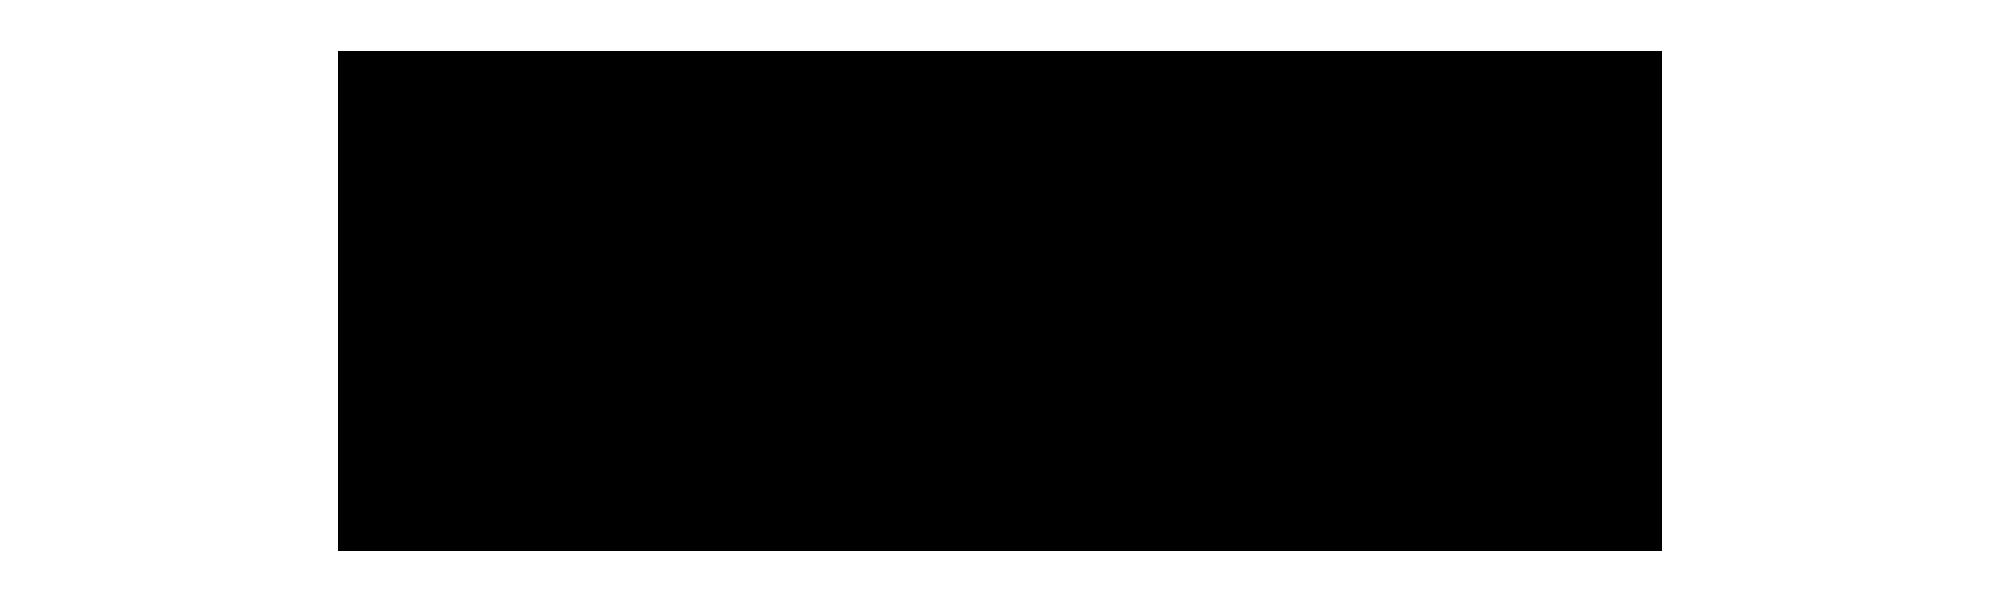 striche